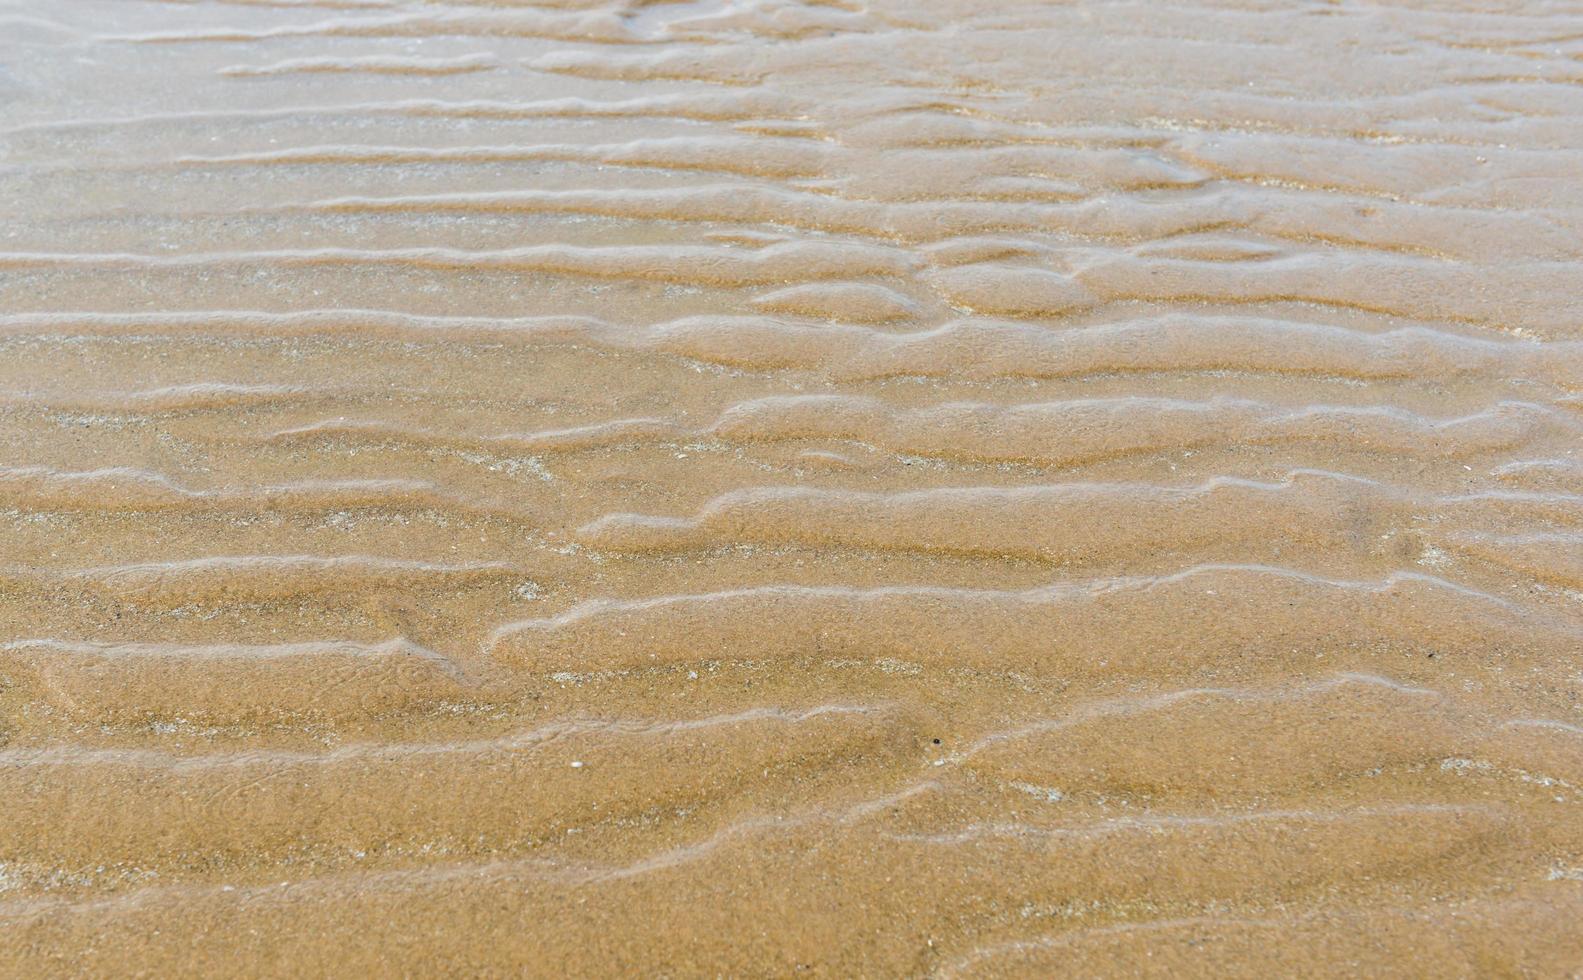 Sand Natur Textur. Welle von Sand Textur in der Nähe des Strandes foto